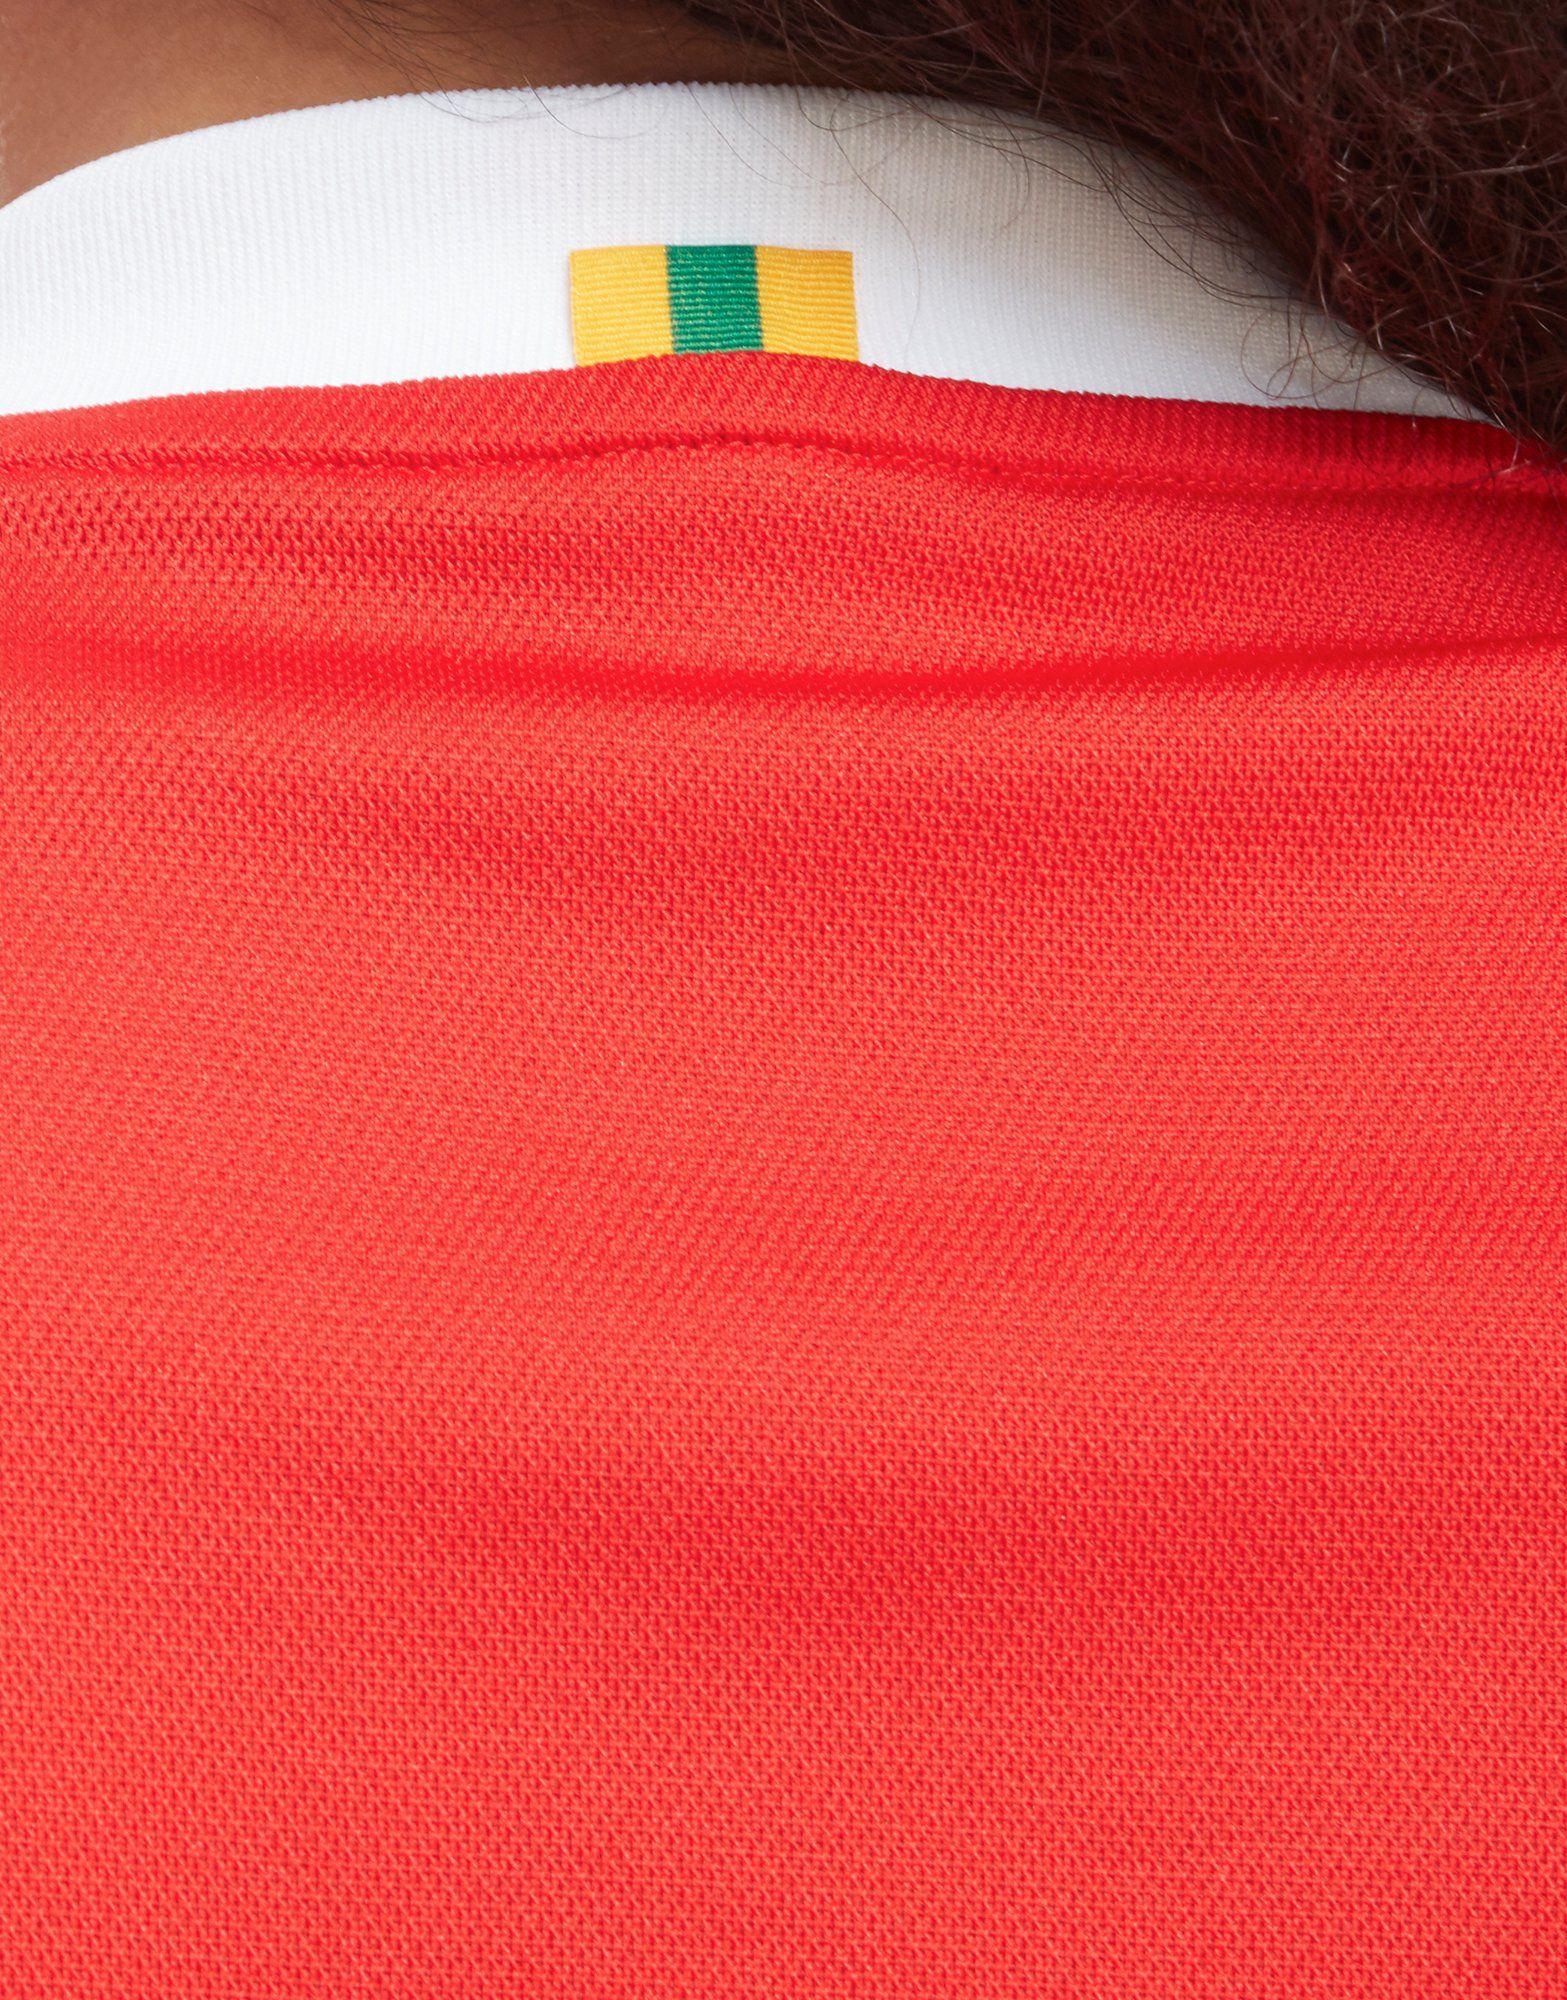 adidas Wales 2018/19 Home Shirt Women's